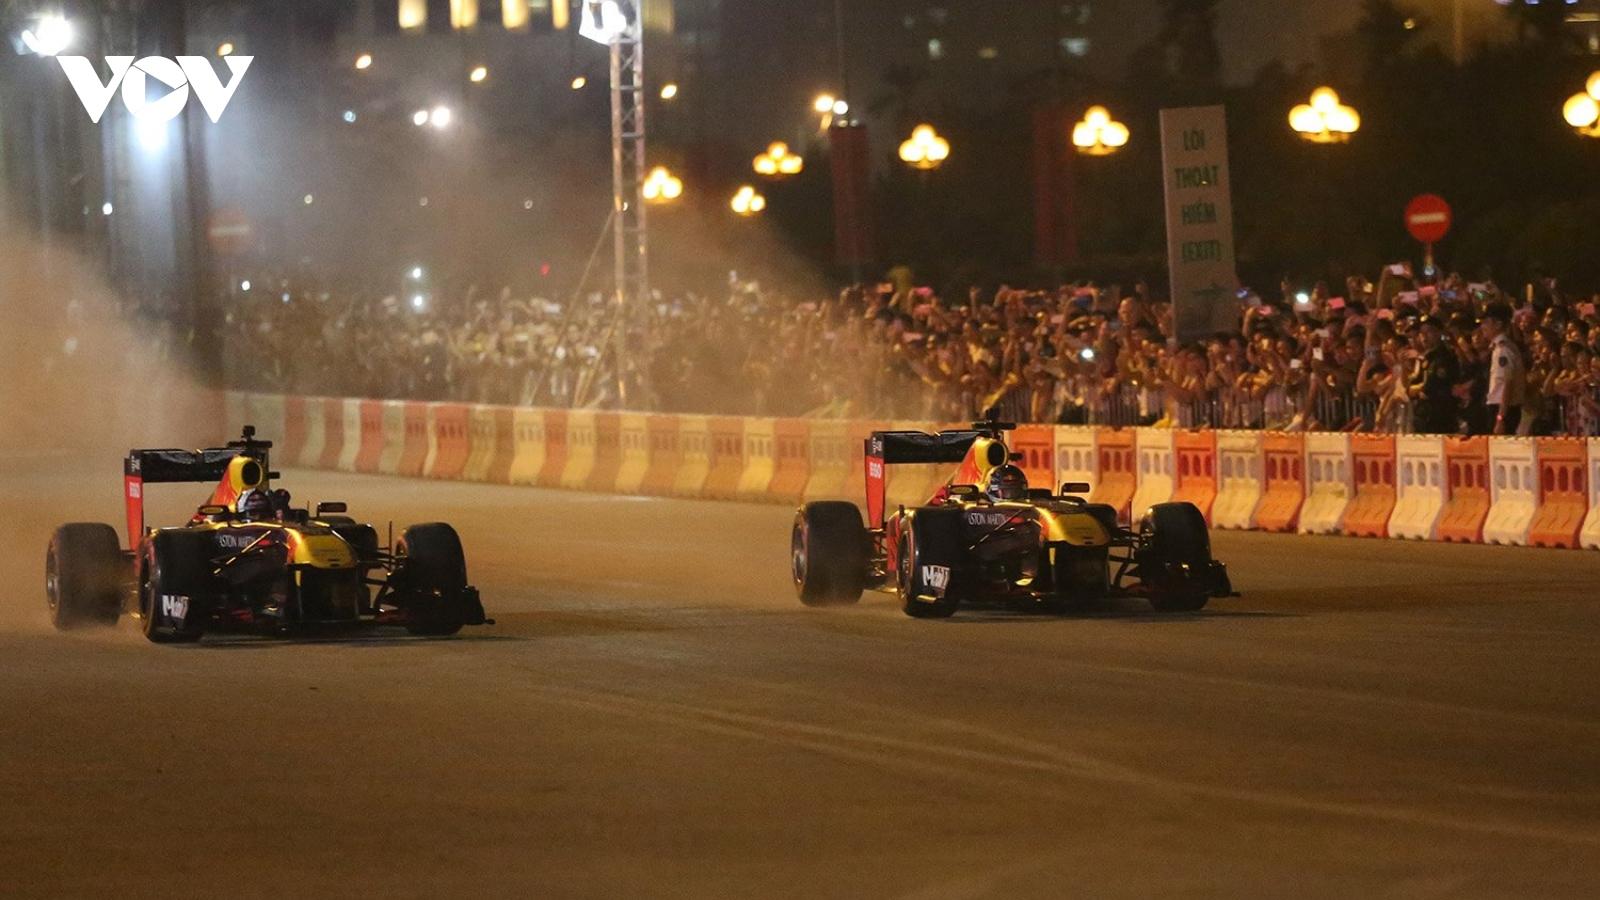 F1 công bố lịch thi đấu dự kiến mùa giải 2021: Việt Nam có thể không tham gia đăng cai